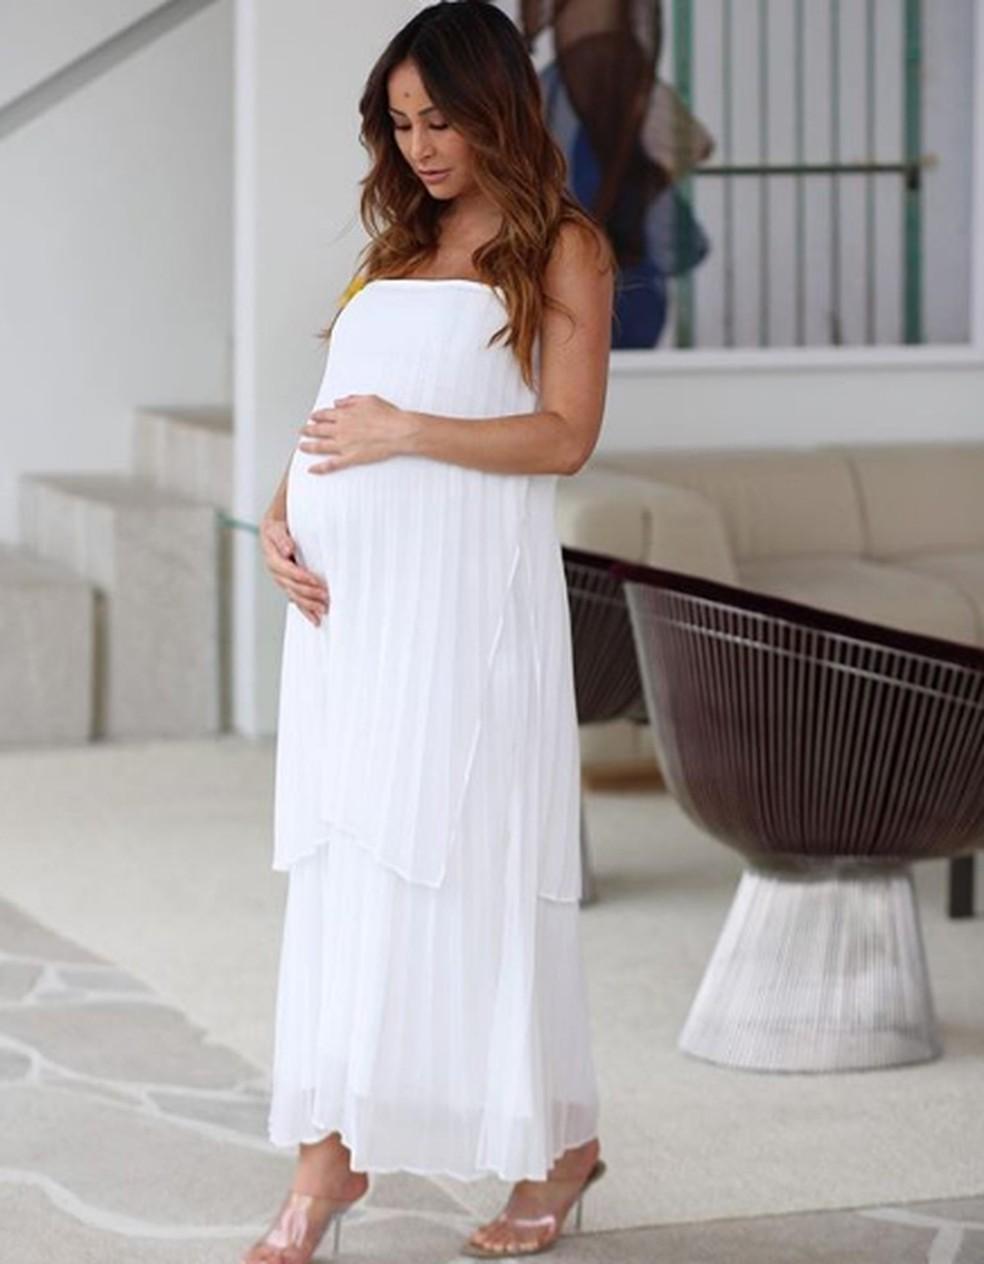 Sabrina no final de sua gravidez — Foto: Reprodução / Instagram